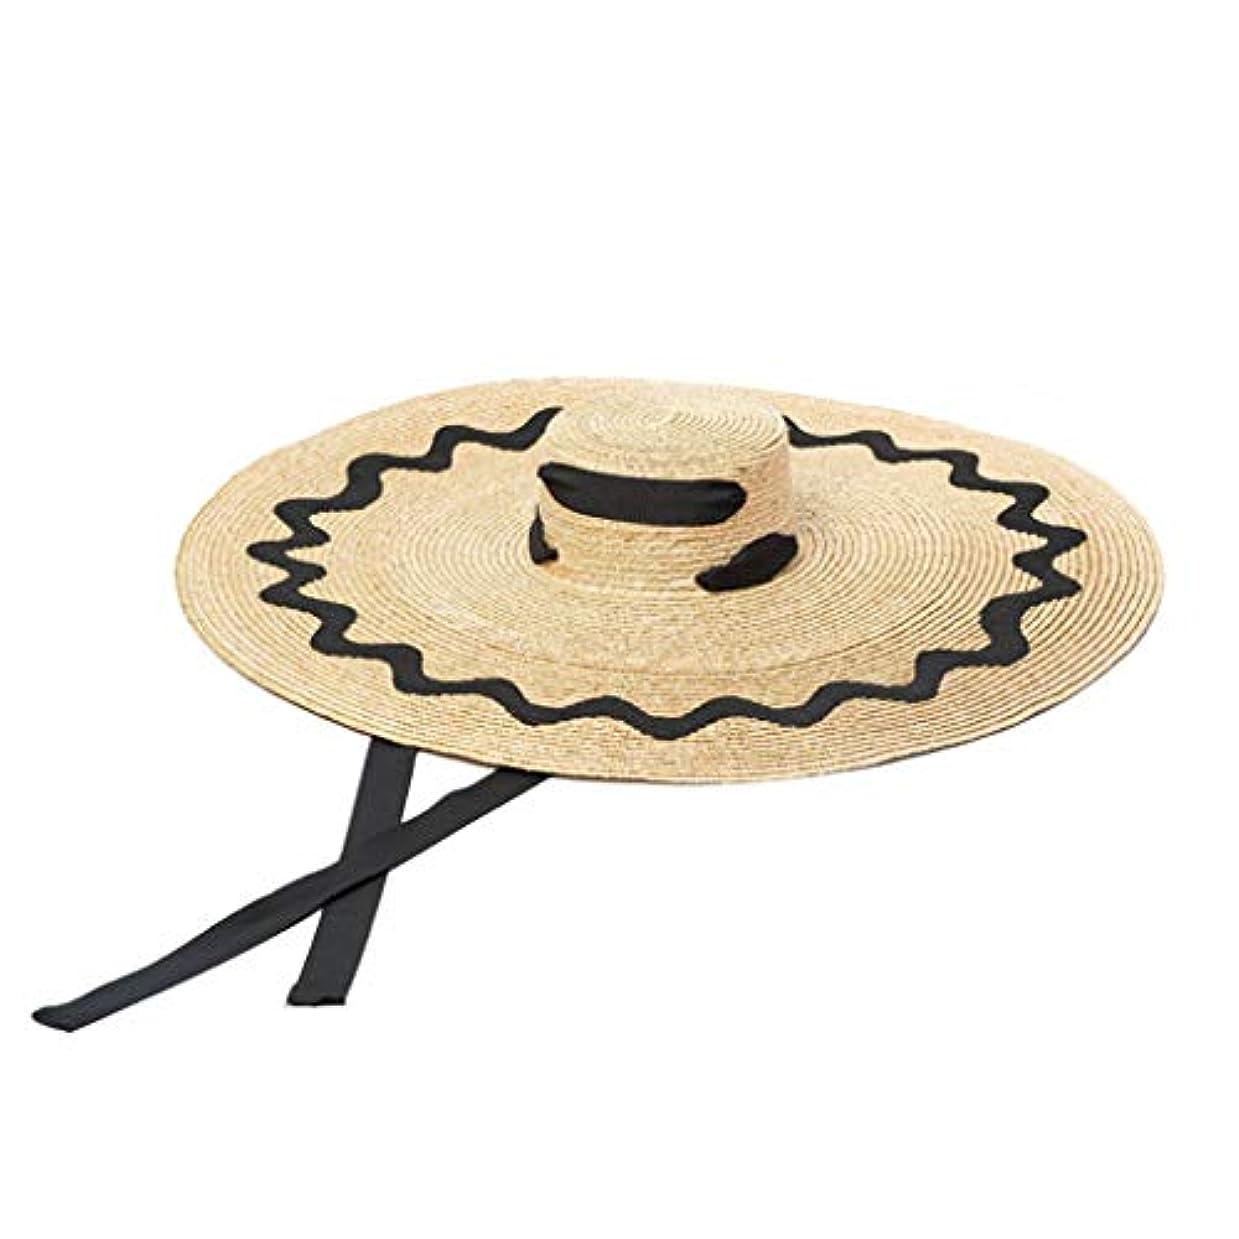 薬を飲む下位怒り女性の夏のビーチの太陽の帽子、女性の麦わら帽子のビーチ帽子、折り畳み式の広いつばの帽子、折り畳み式の調節可能な弓バイザー